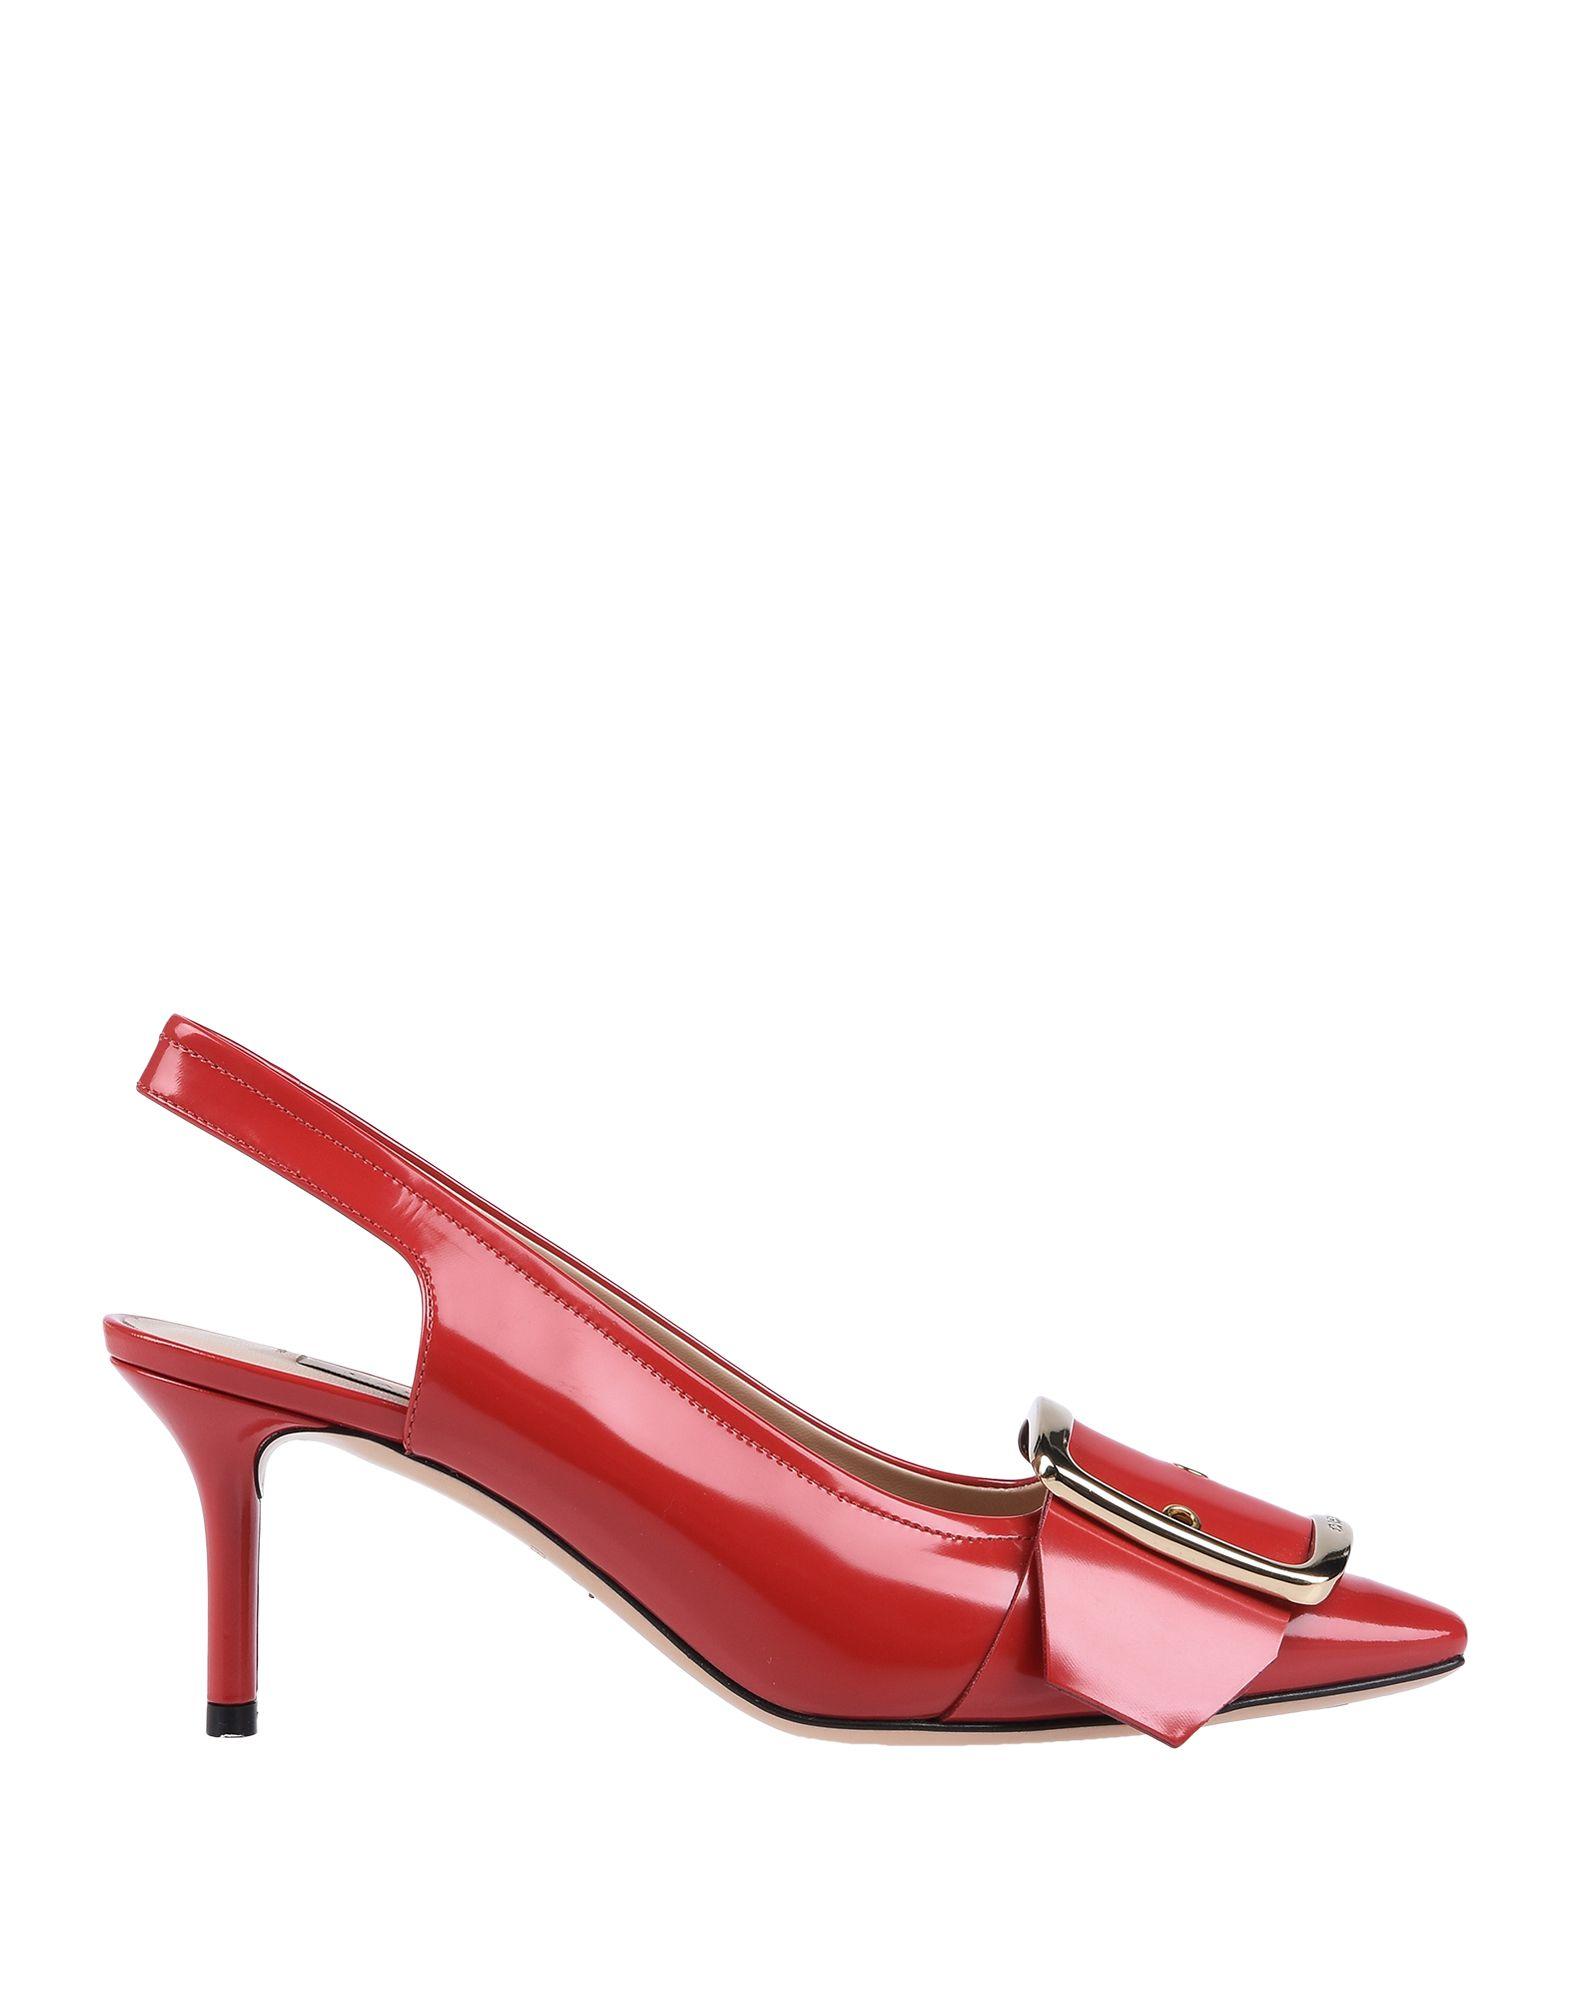 Фото - CASADEI Туфли туфли redwood f10896amacu523 кожа рыжий